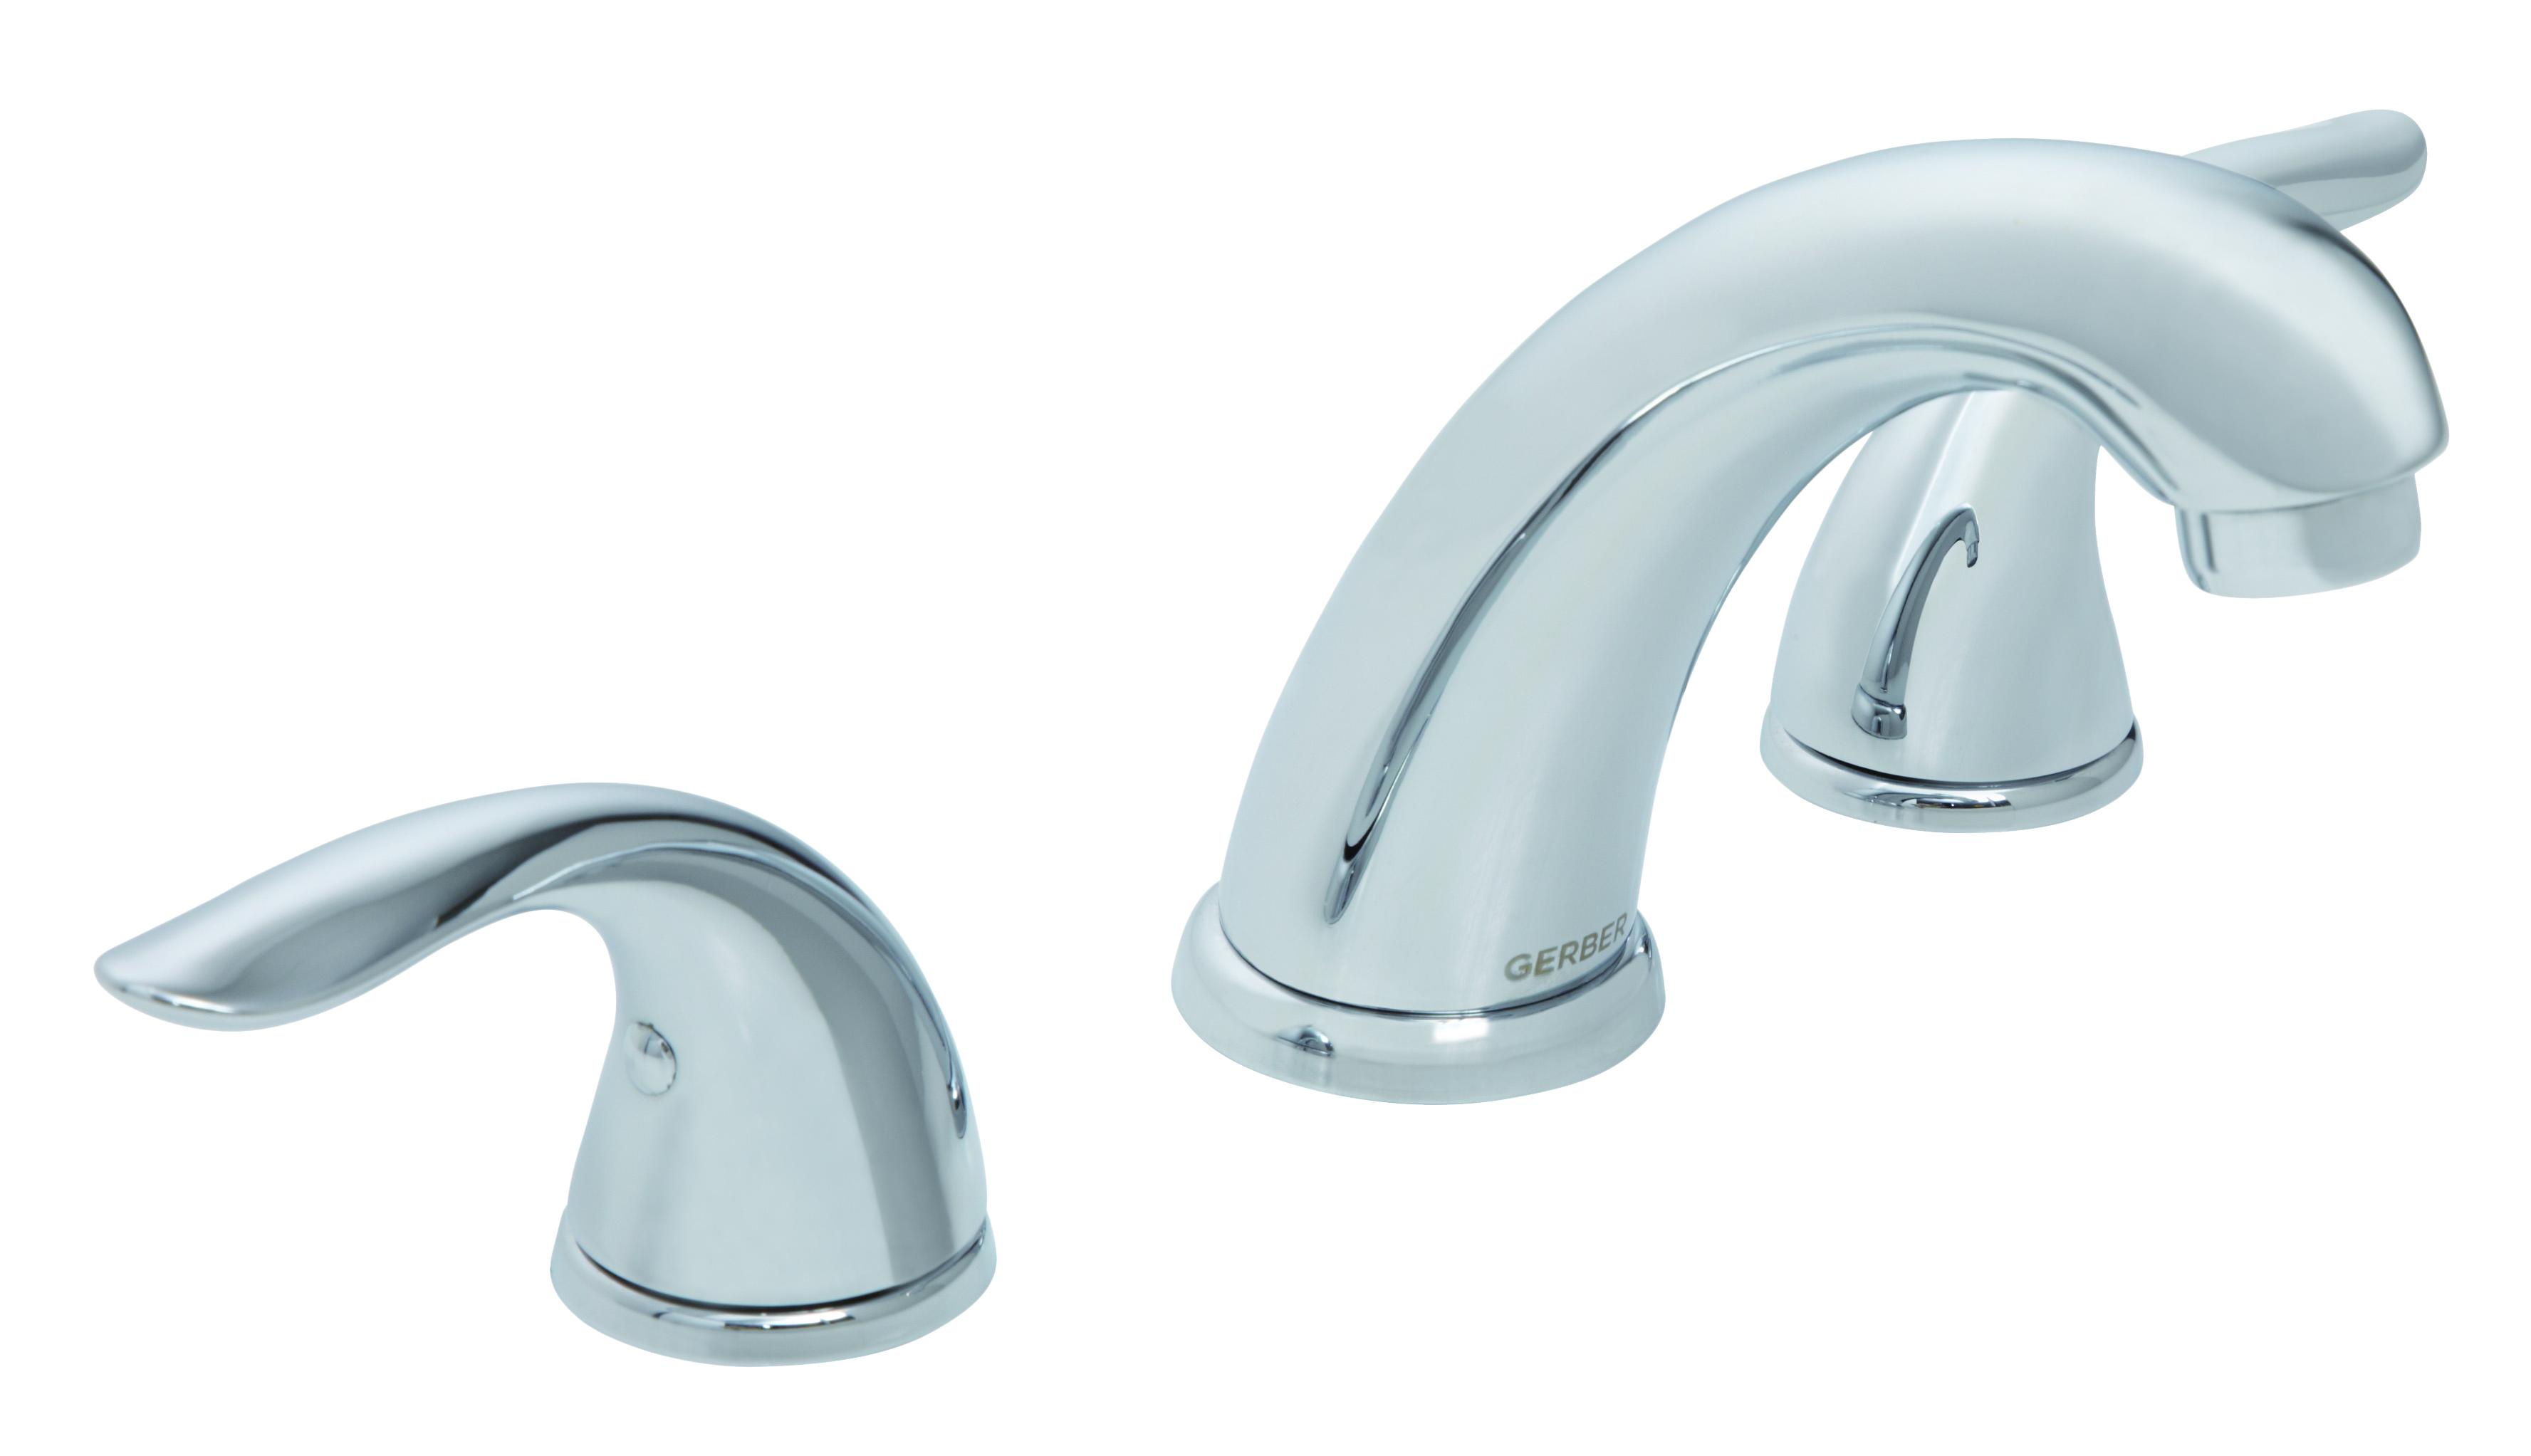 Fine Gerber Faucet Handles Picture Collection - Bathtub Ideas ...